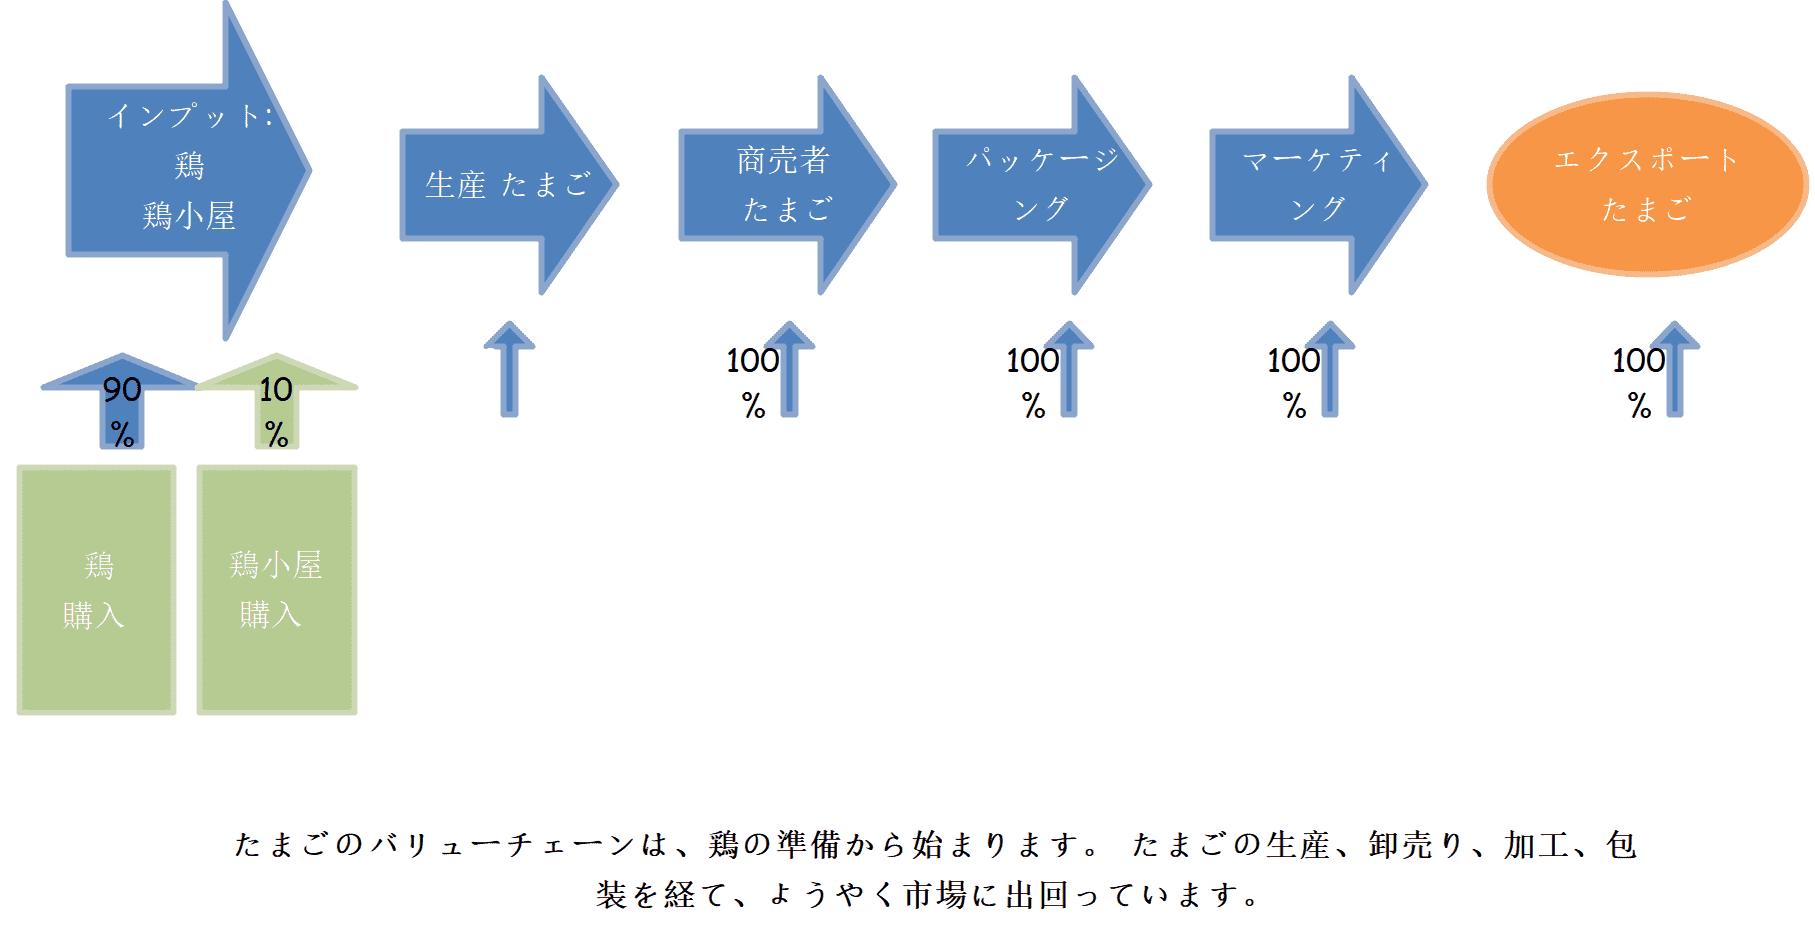 バリューチェーン分析 製造業